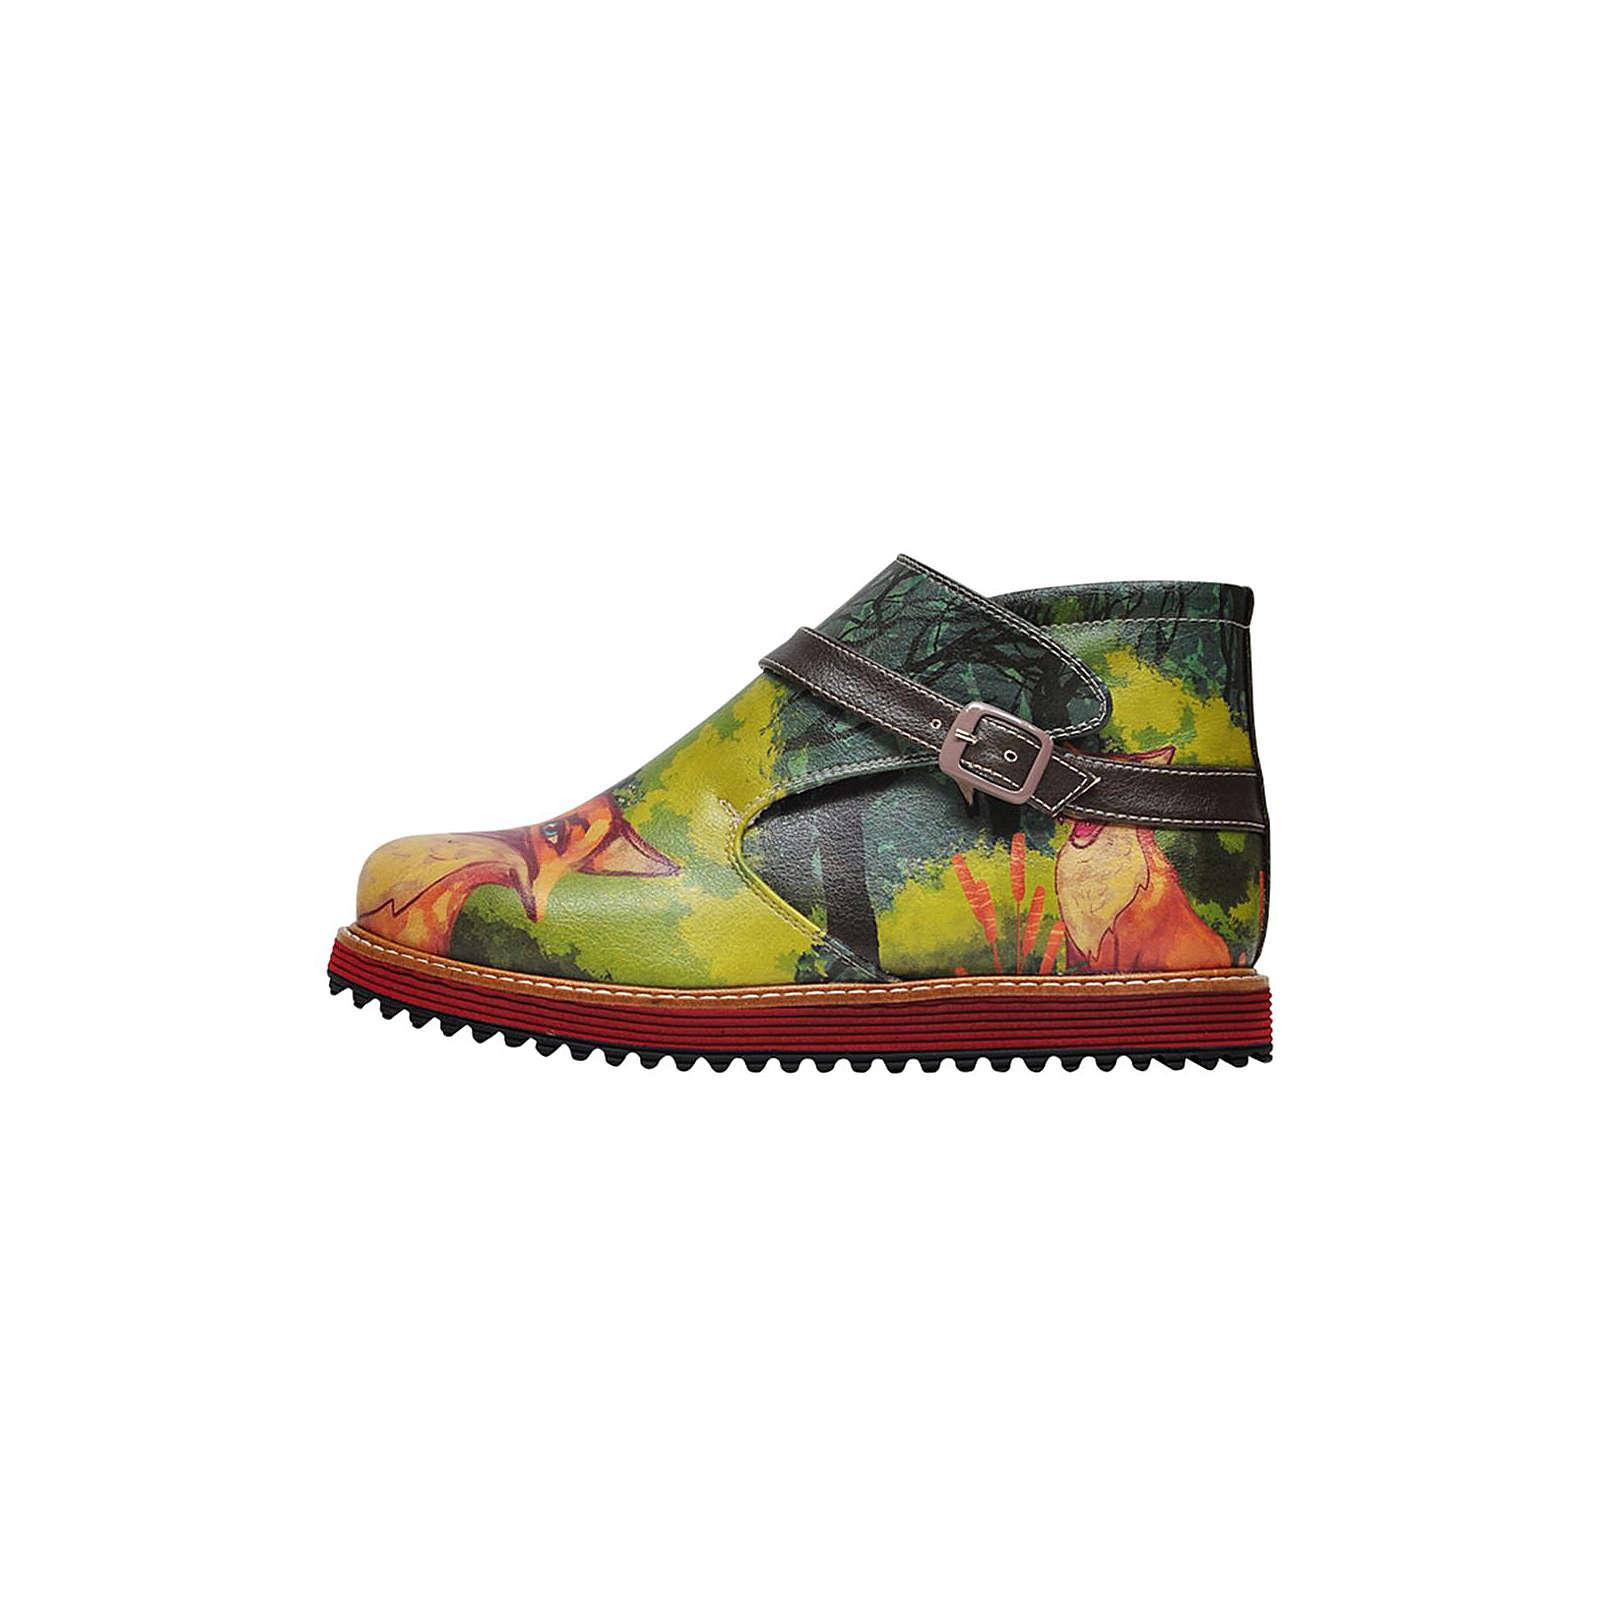 Dogo Shoes Kim Fox Klassische Stiefeletten grün Damen Gr. 38